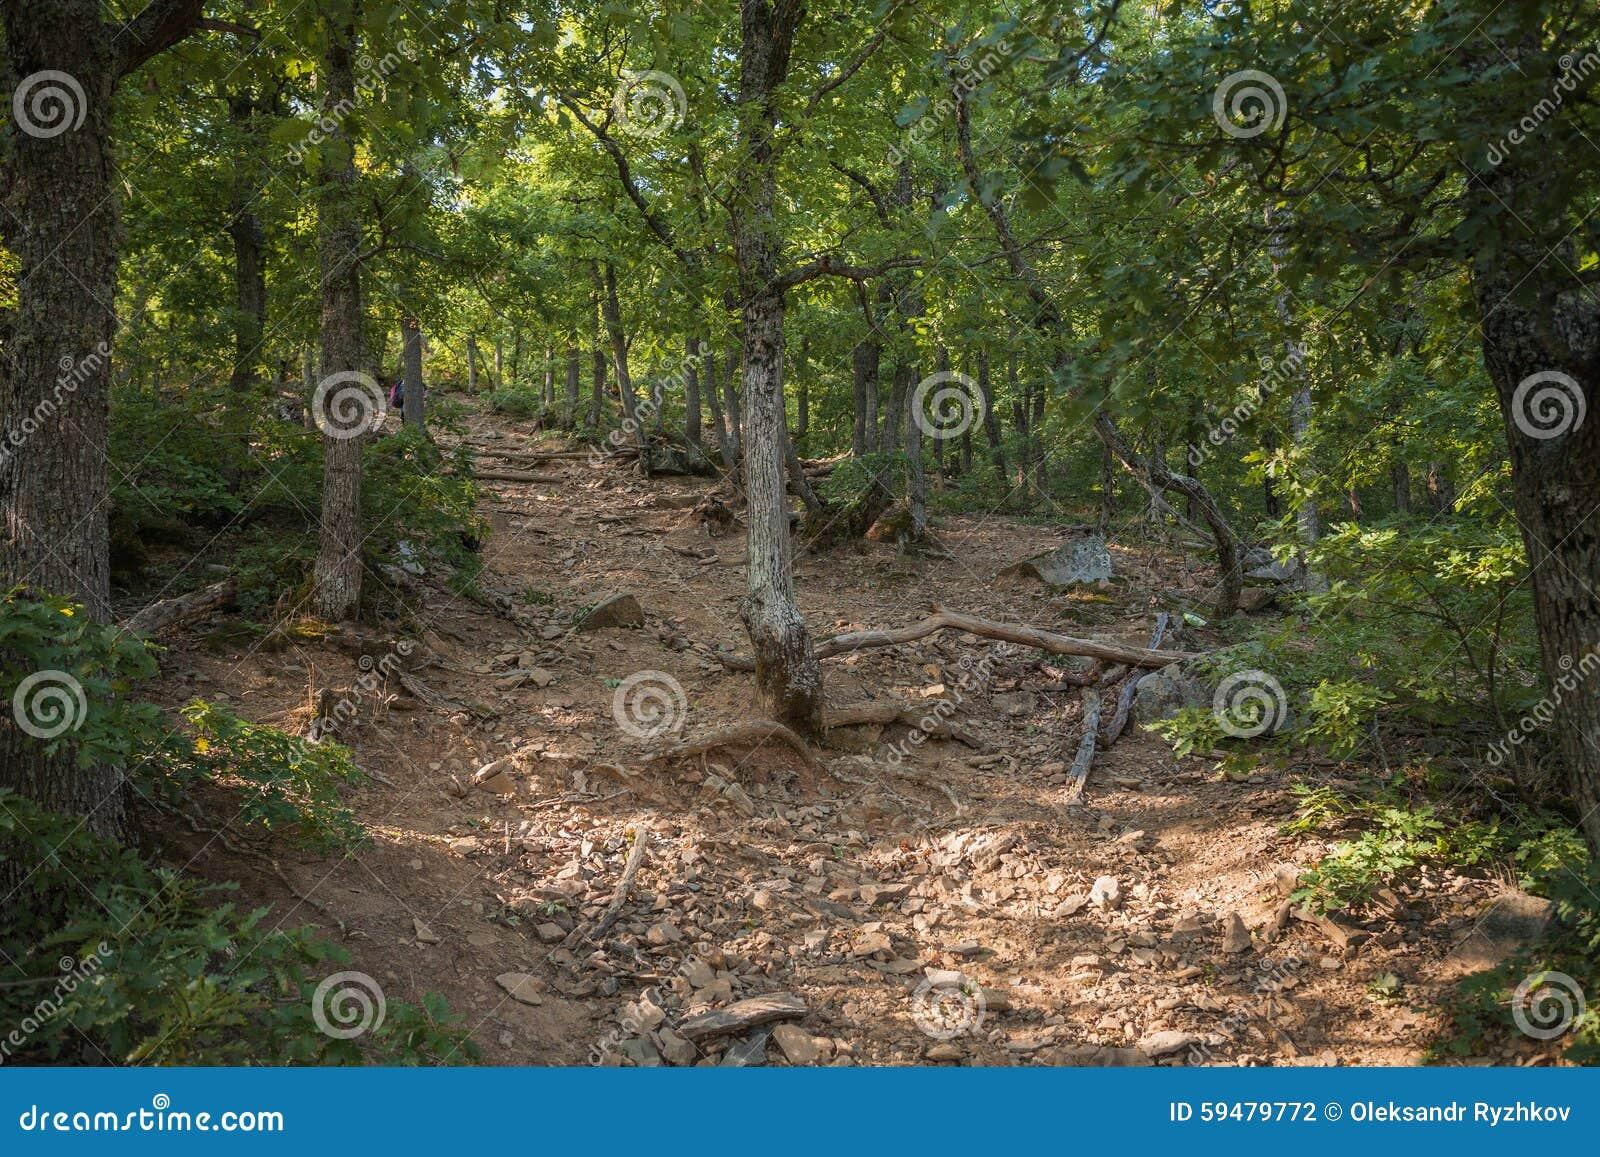 绿色森林夏天背景,山ai陪替氏,克里米亚,乌克兰.图片